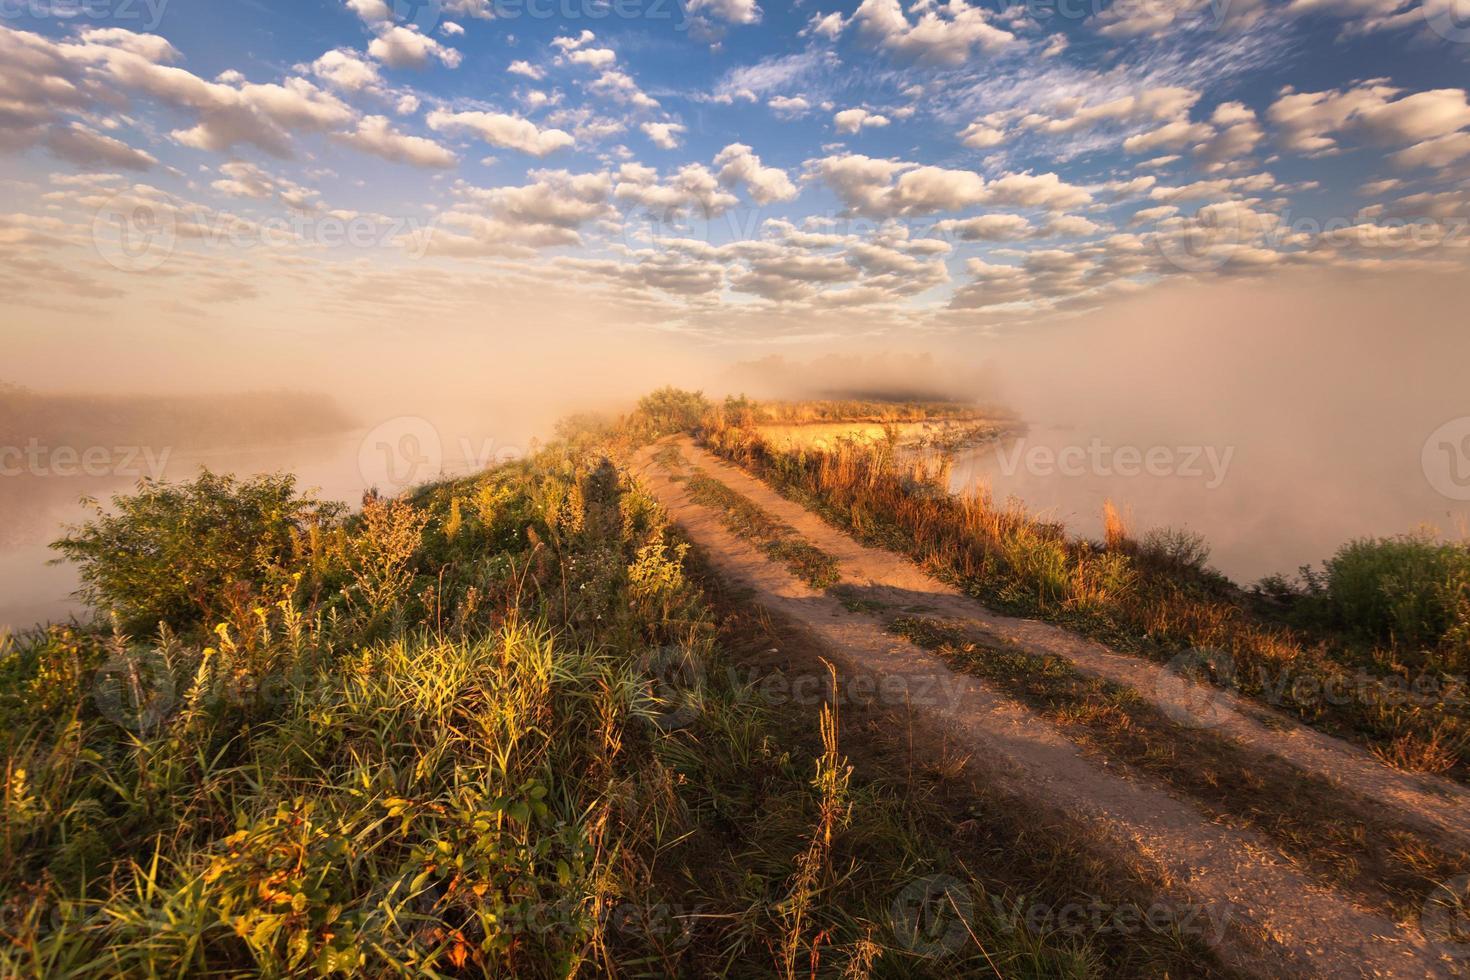 mattina nebbiosa sul fiume e nuvole riflesse nell'acqua foto